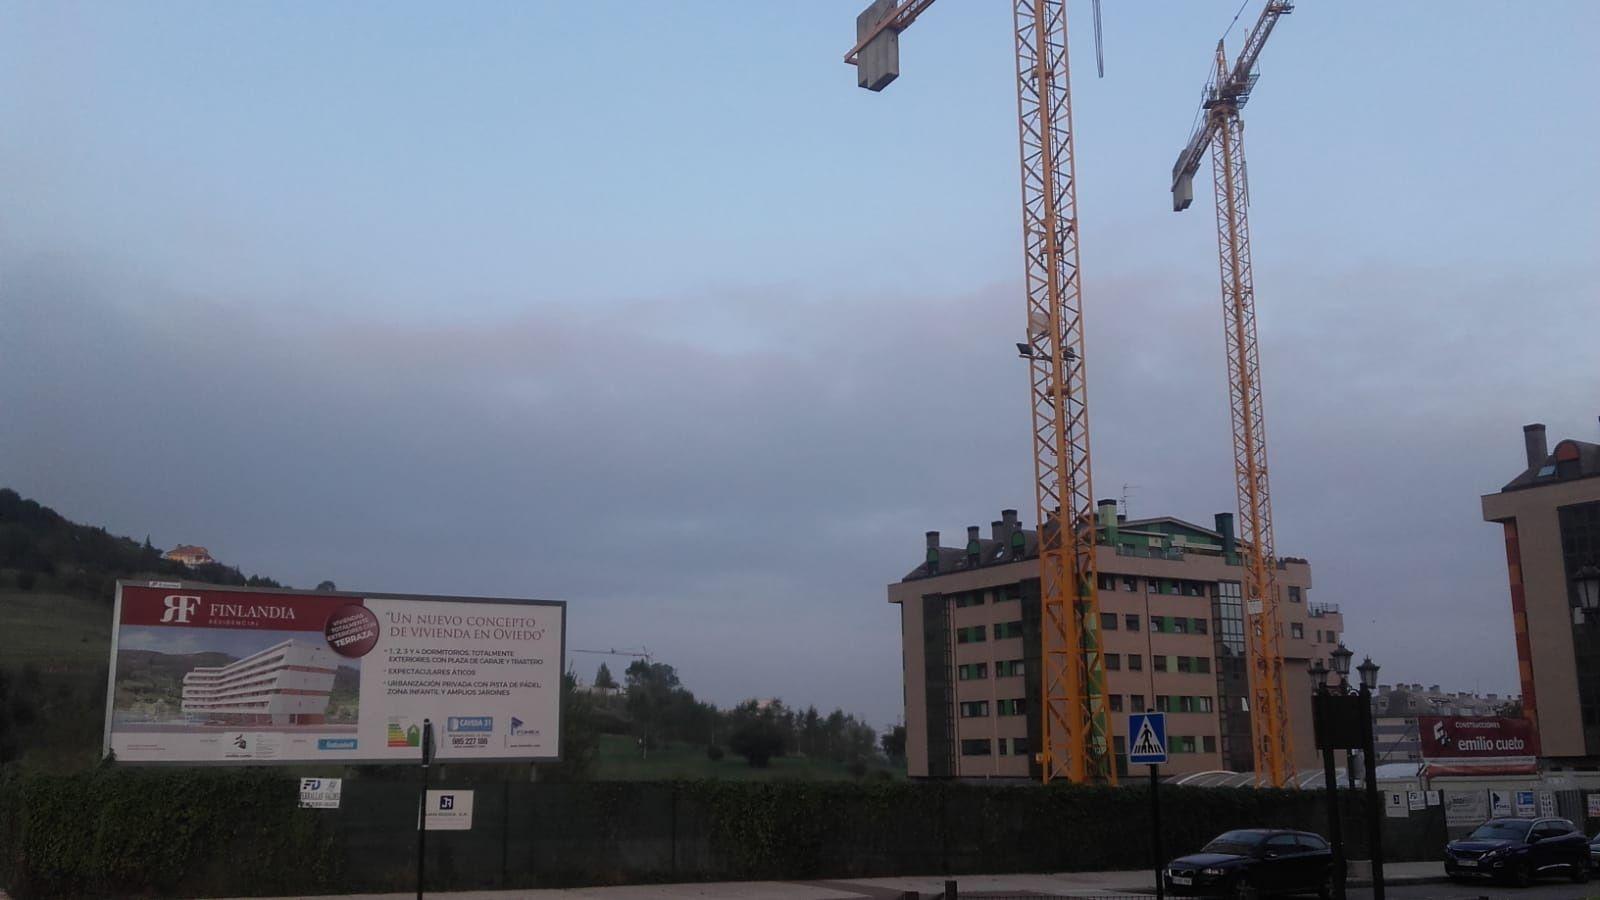 Oficina de empleo.Construcción de viviendas en Oviedo